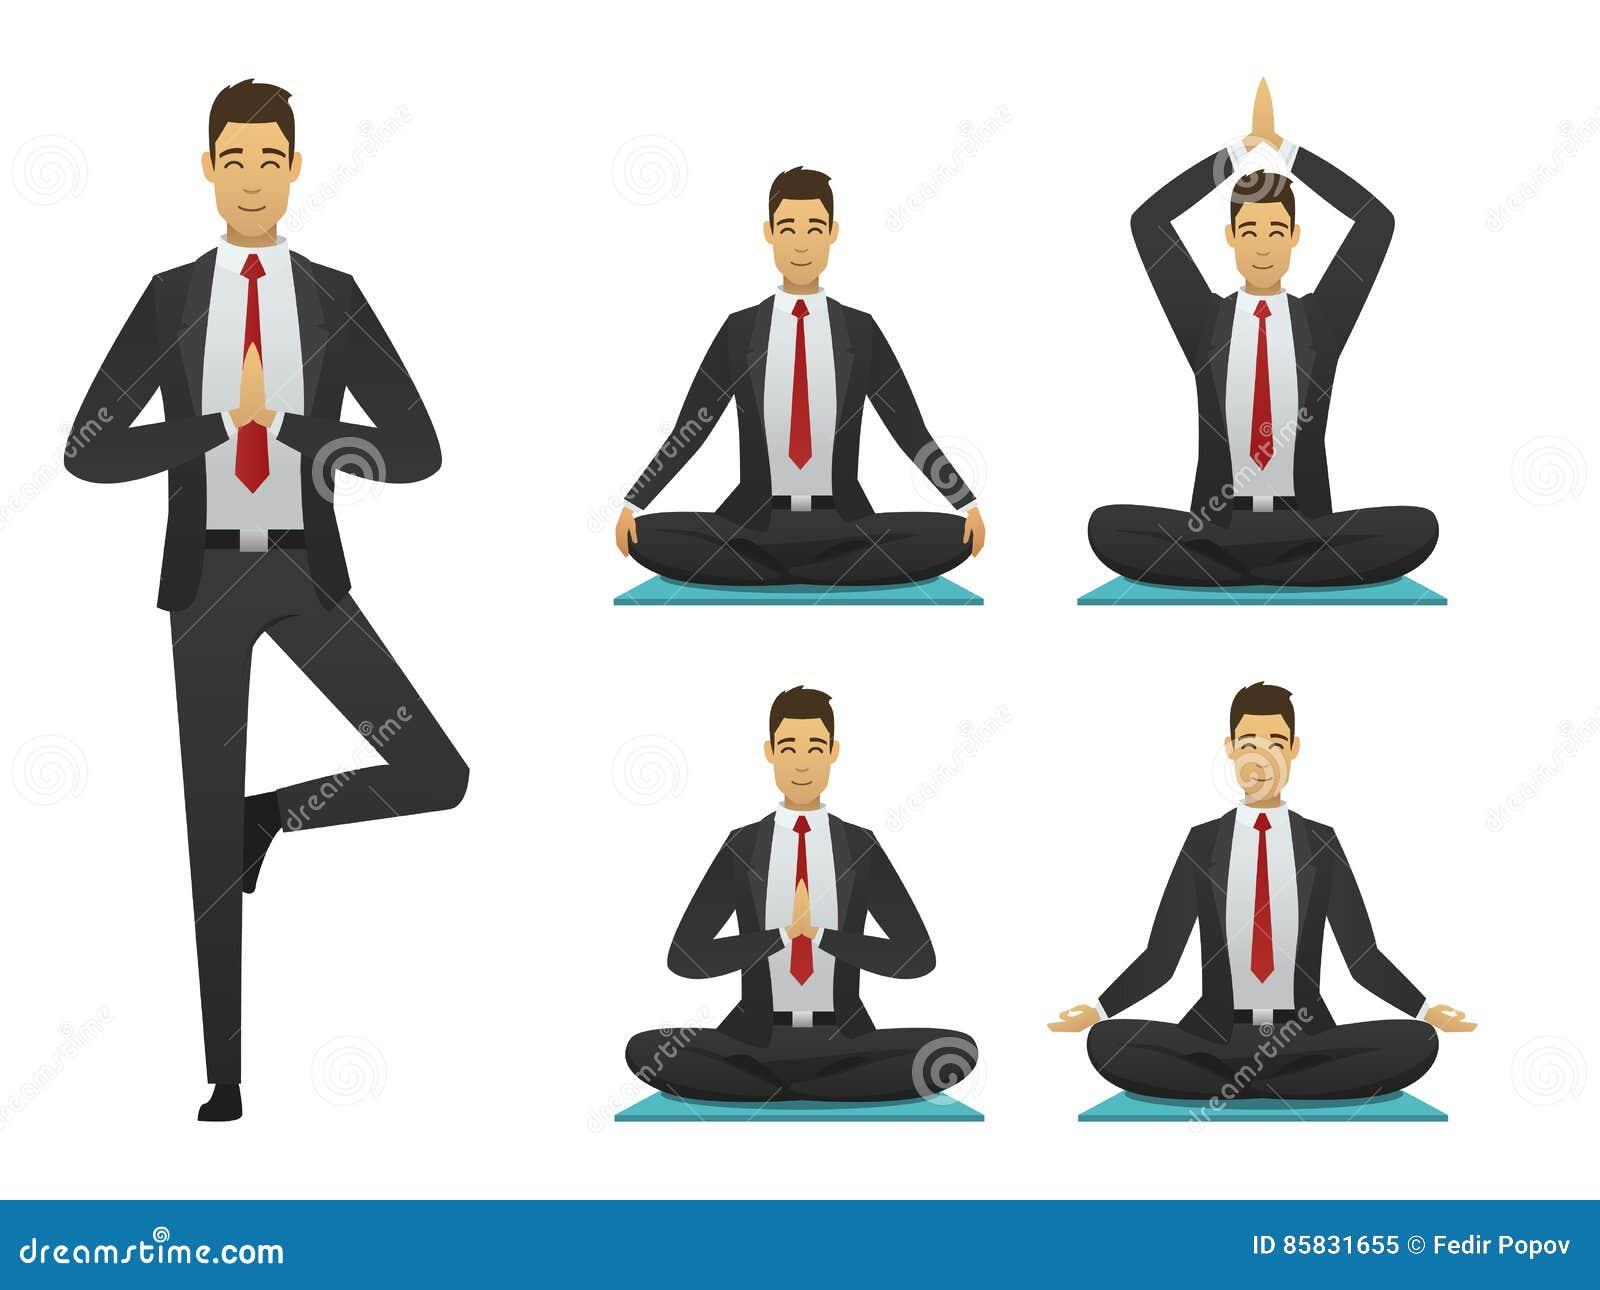 Office Meditation. Yoga Office Man Poses Illustration Meditation